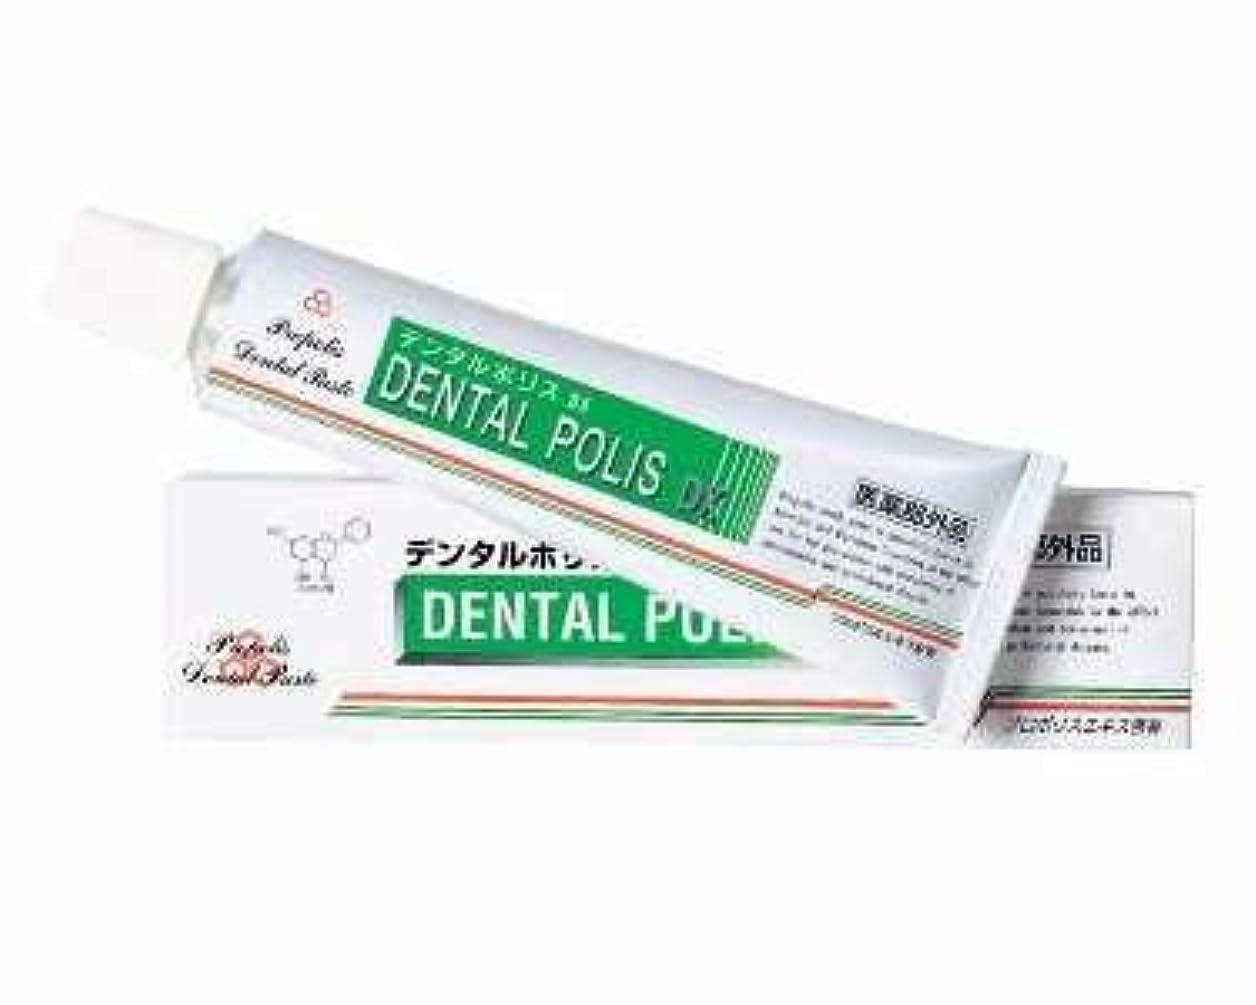 震え定刻自信がある【歯磨き粉】デンタルポリス DX